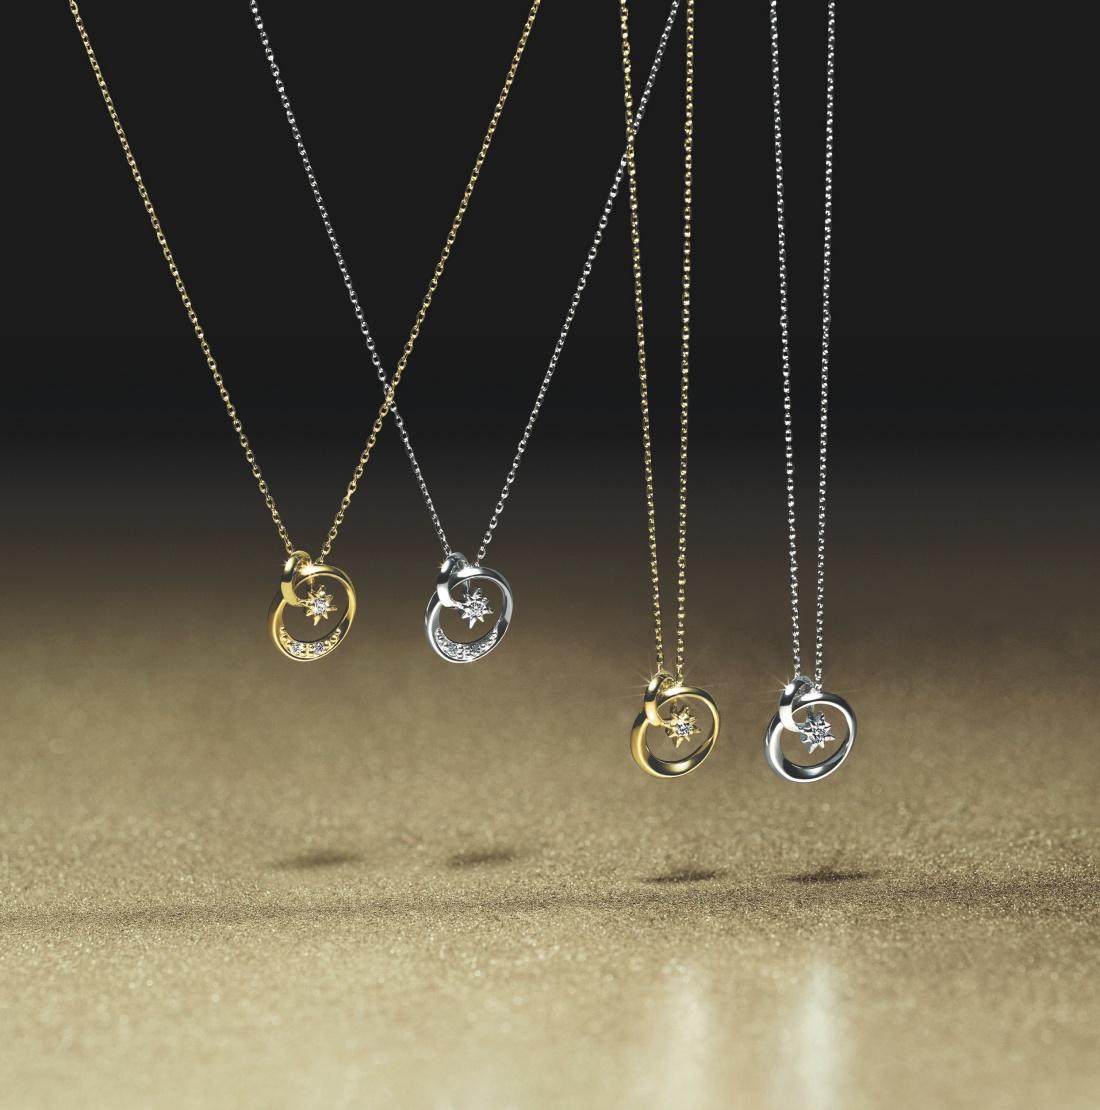 『スタージュエリー』のクリスマス限定アイテムは、ダイヤモンドが輝くネックレス☆_1